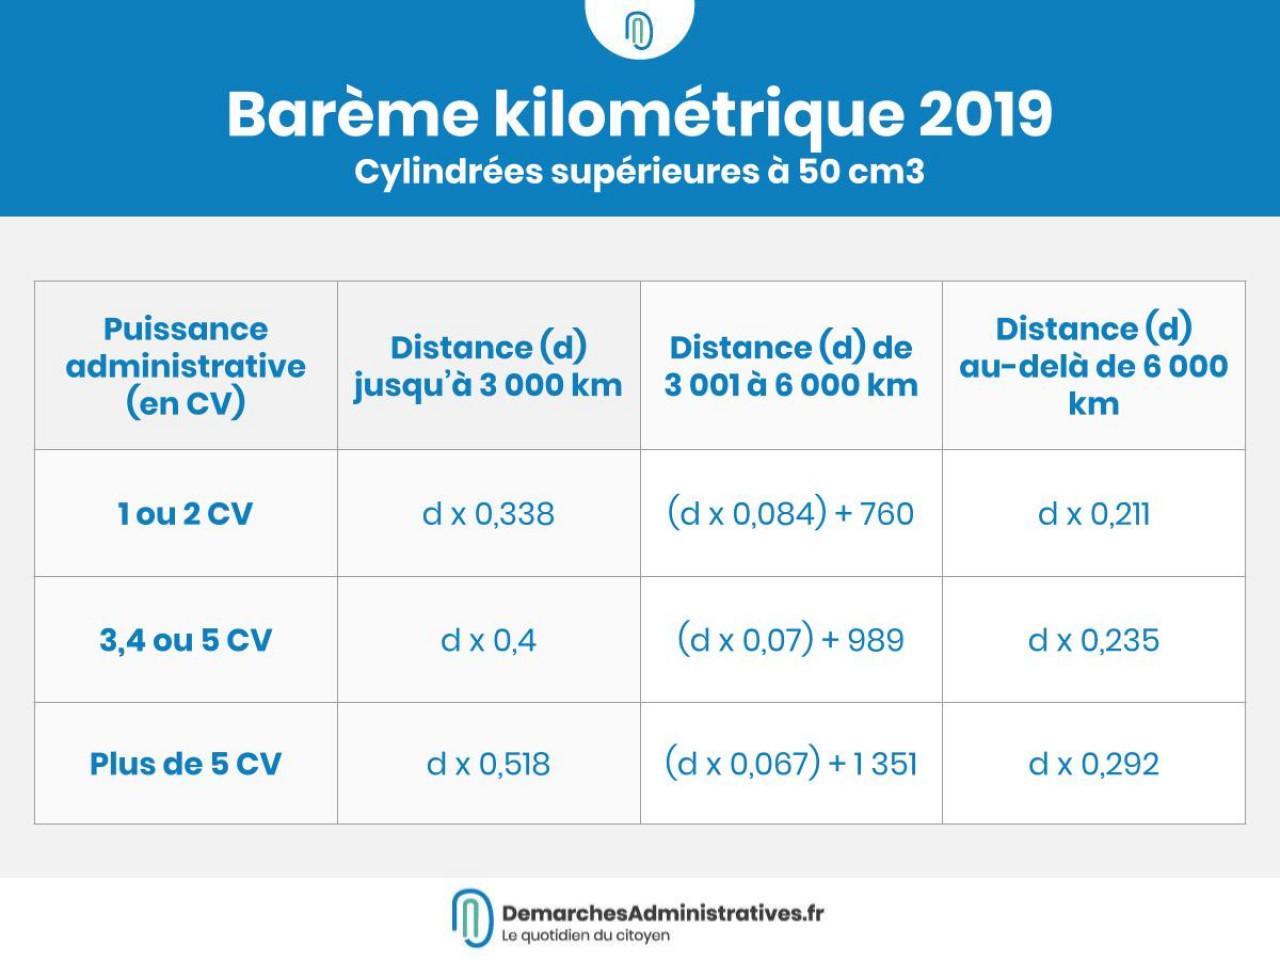 Barème kilométrique 2019 pour les deux-roues